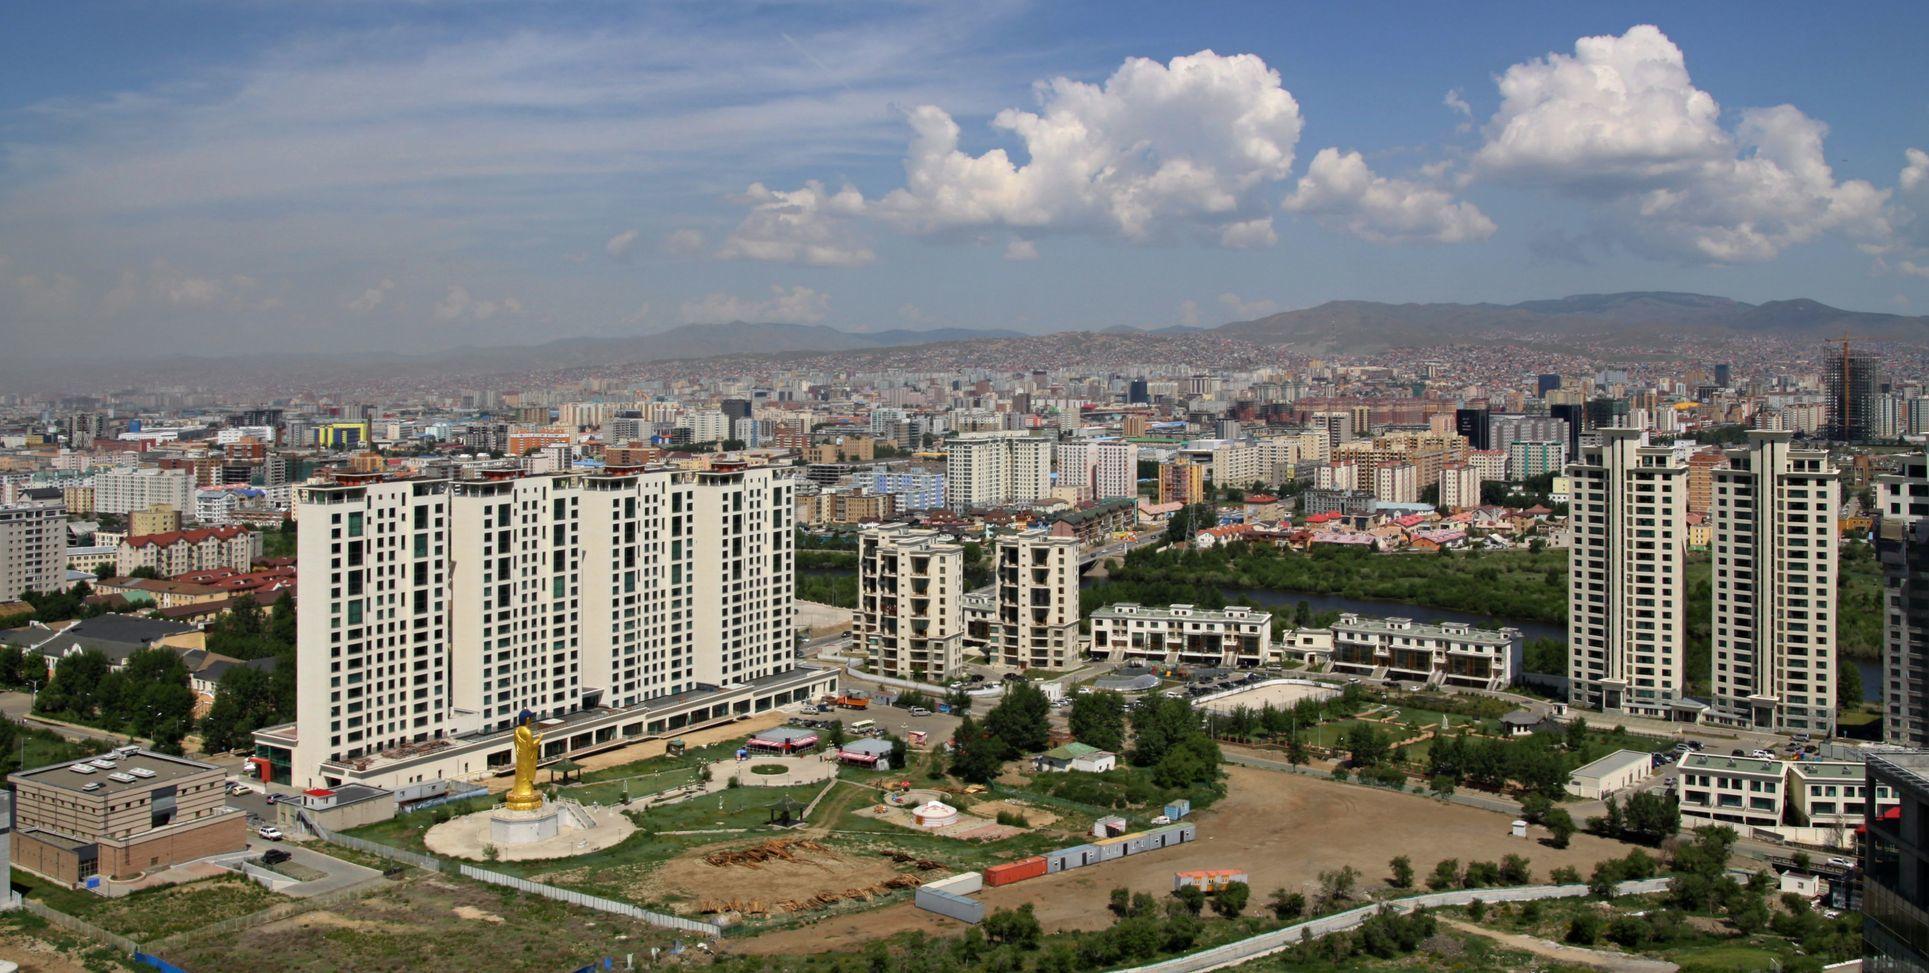 Nová výstavba budov v hlavním městě Ulaanbaatar v Mongolsku | jnerad/123RF.com